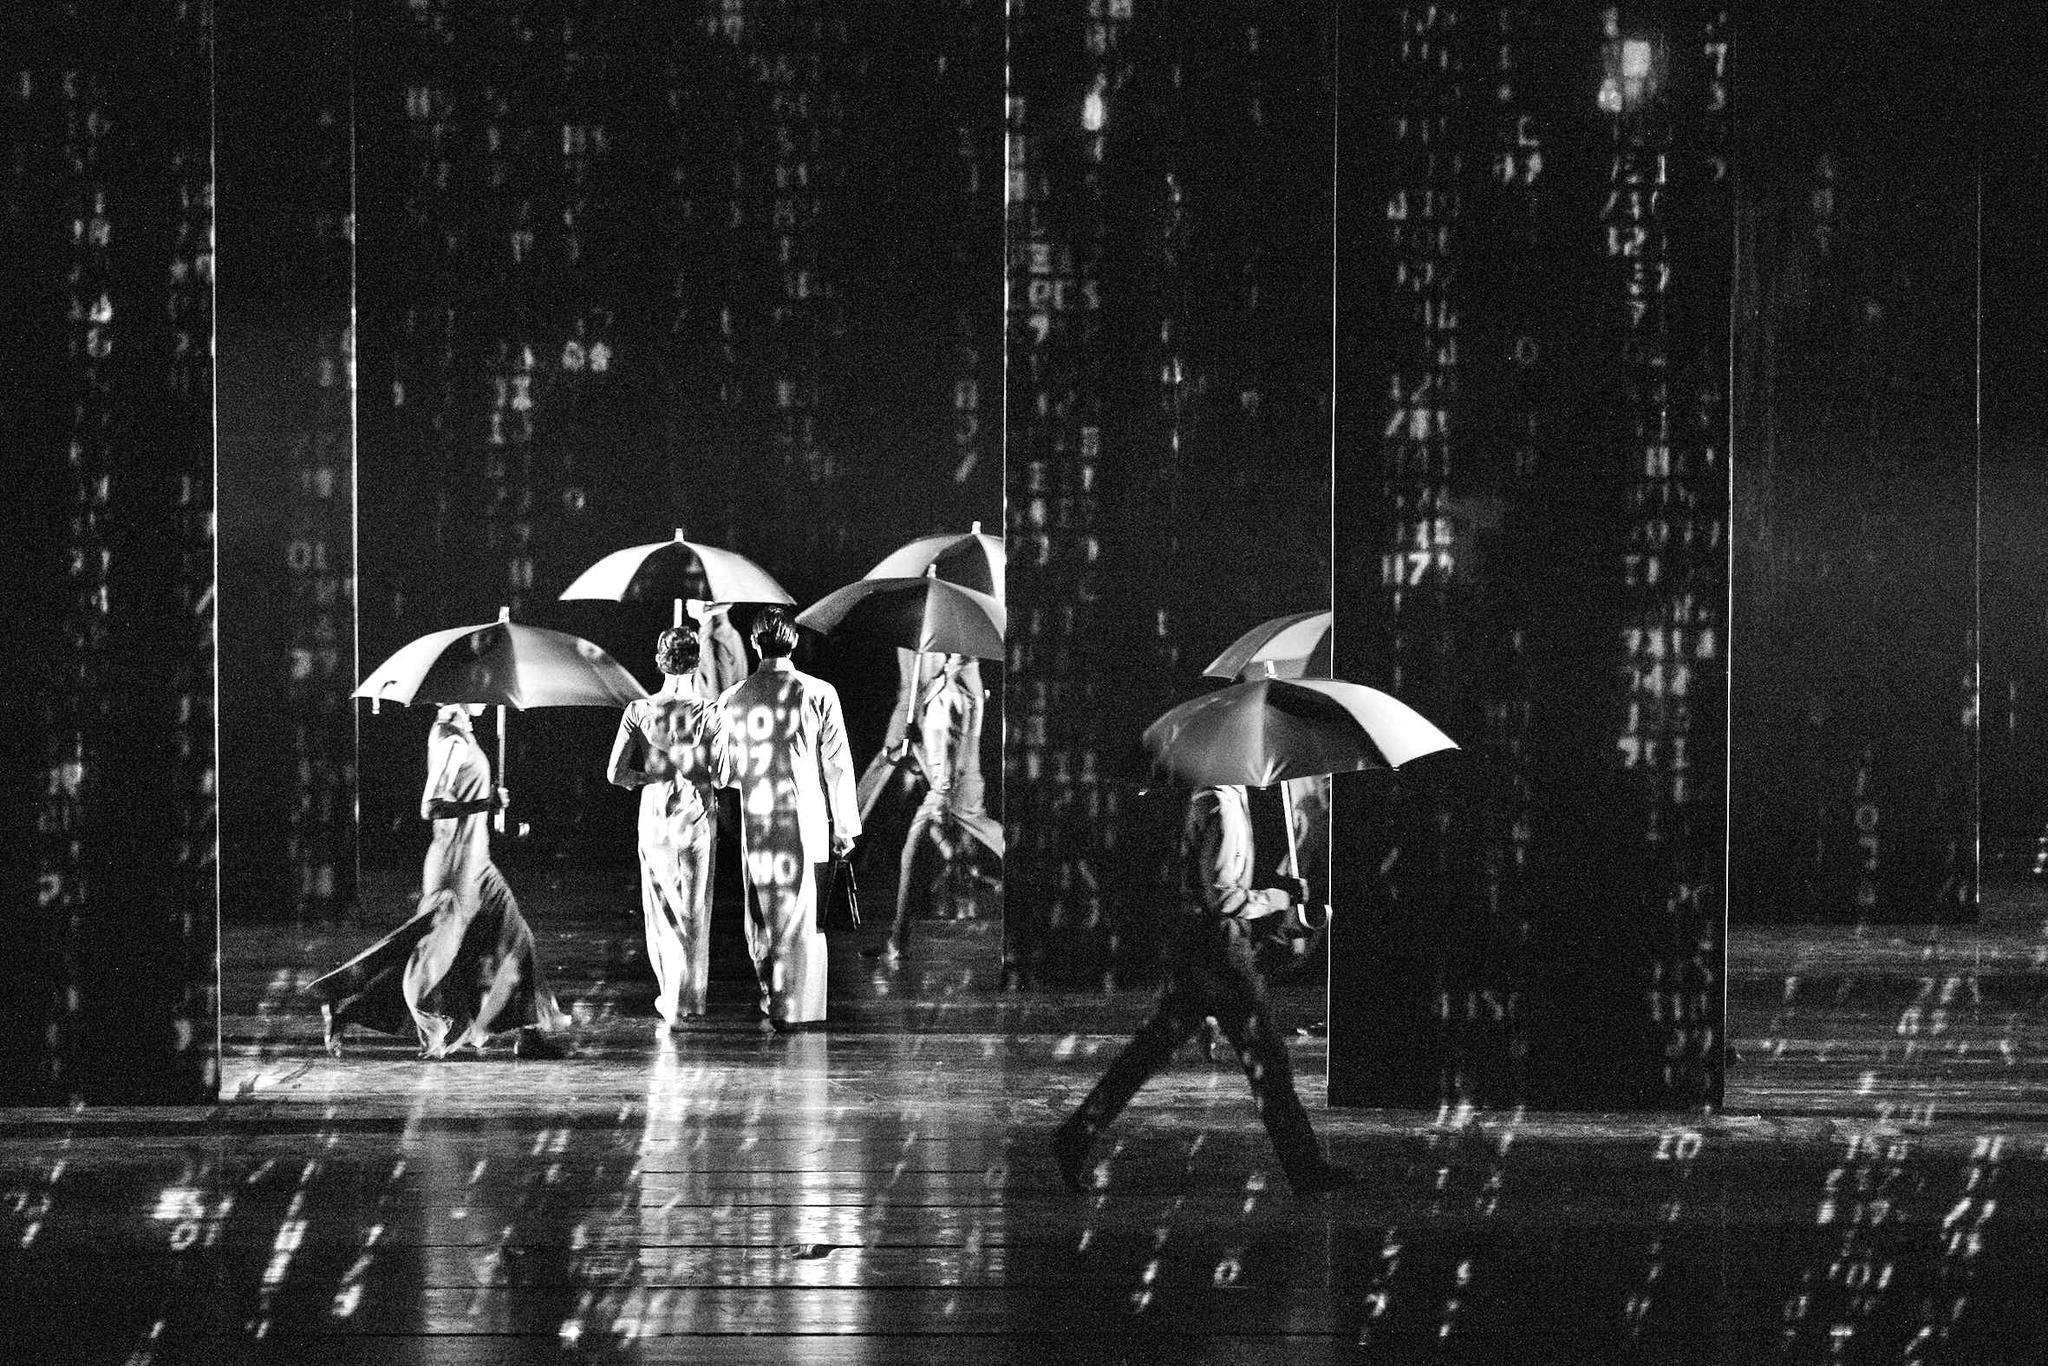 舞剧《永不消逝的电波》:现代技术与舞台艺术浑然相融